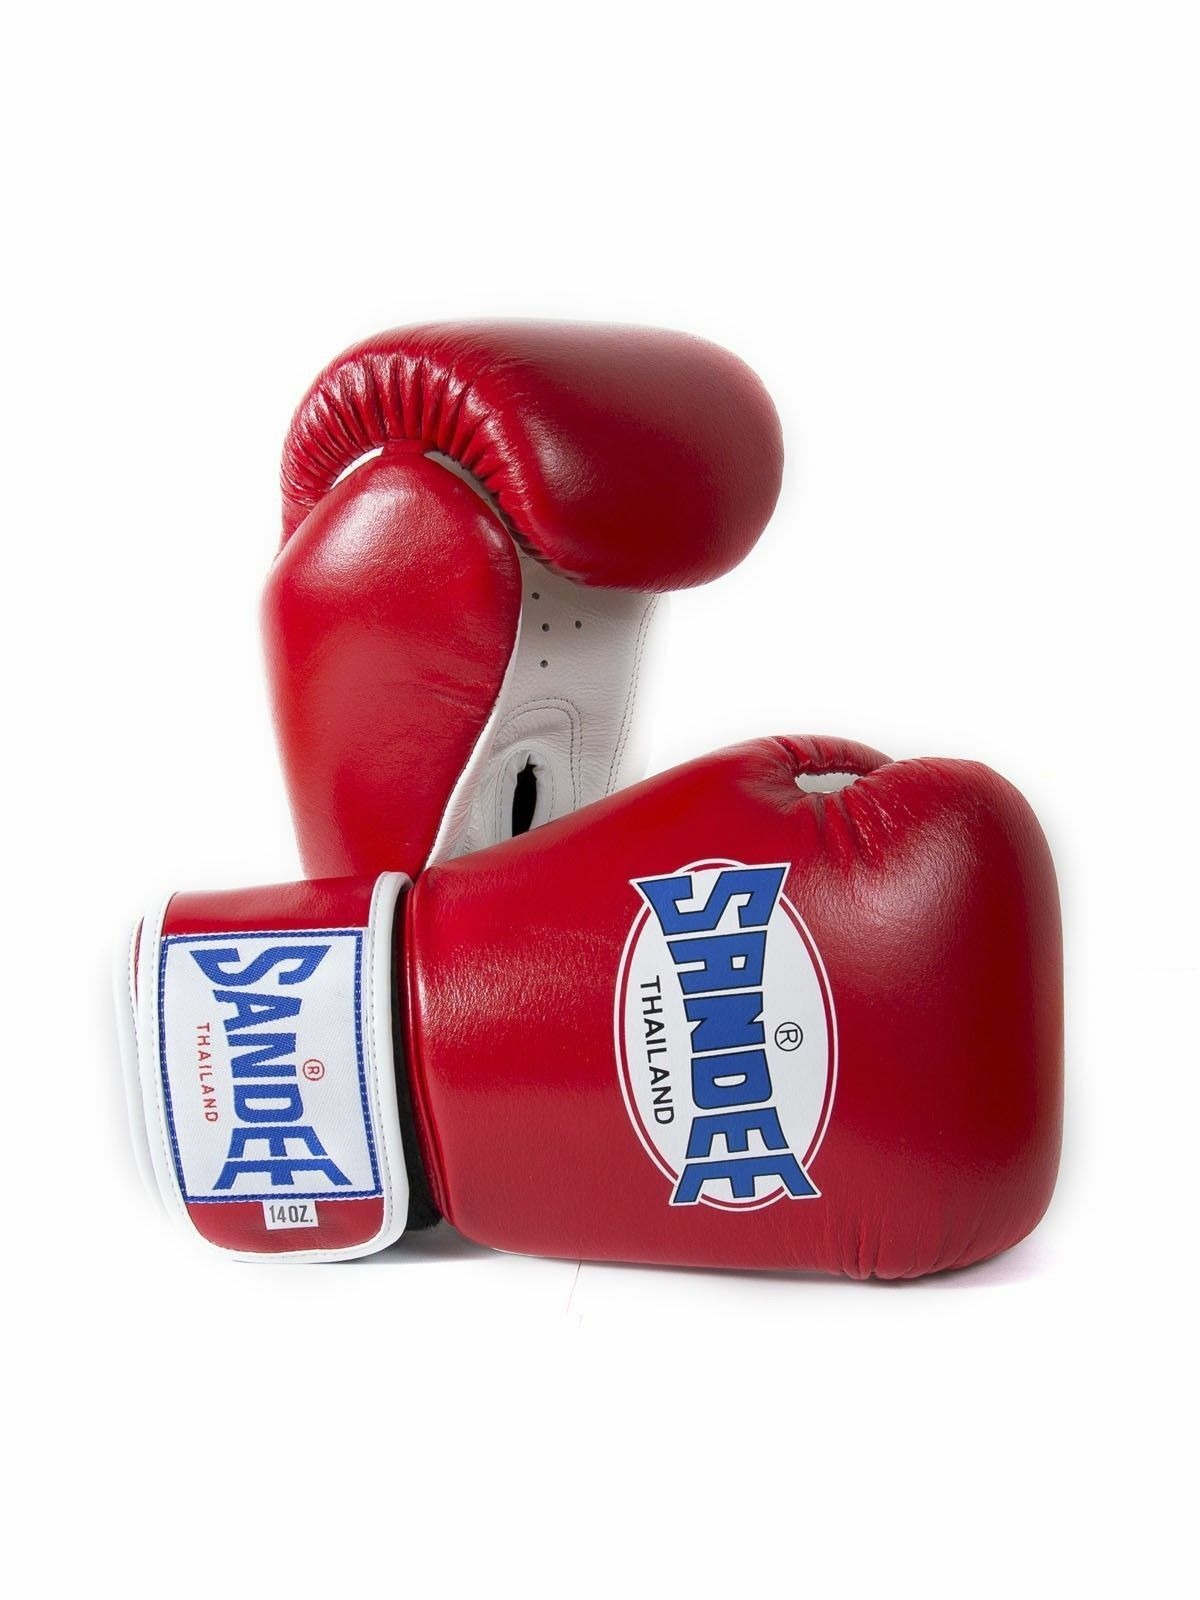 Sandee Leder Authentic Muay Thai ROT & Weiß Leder Sandee Boxing Gloves Sparring 53104b